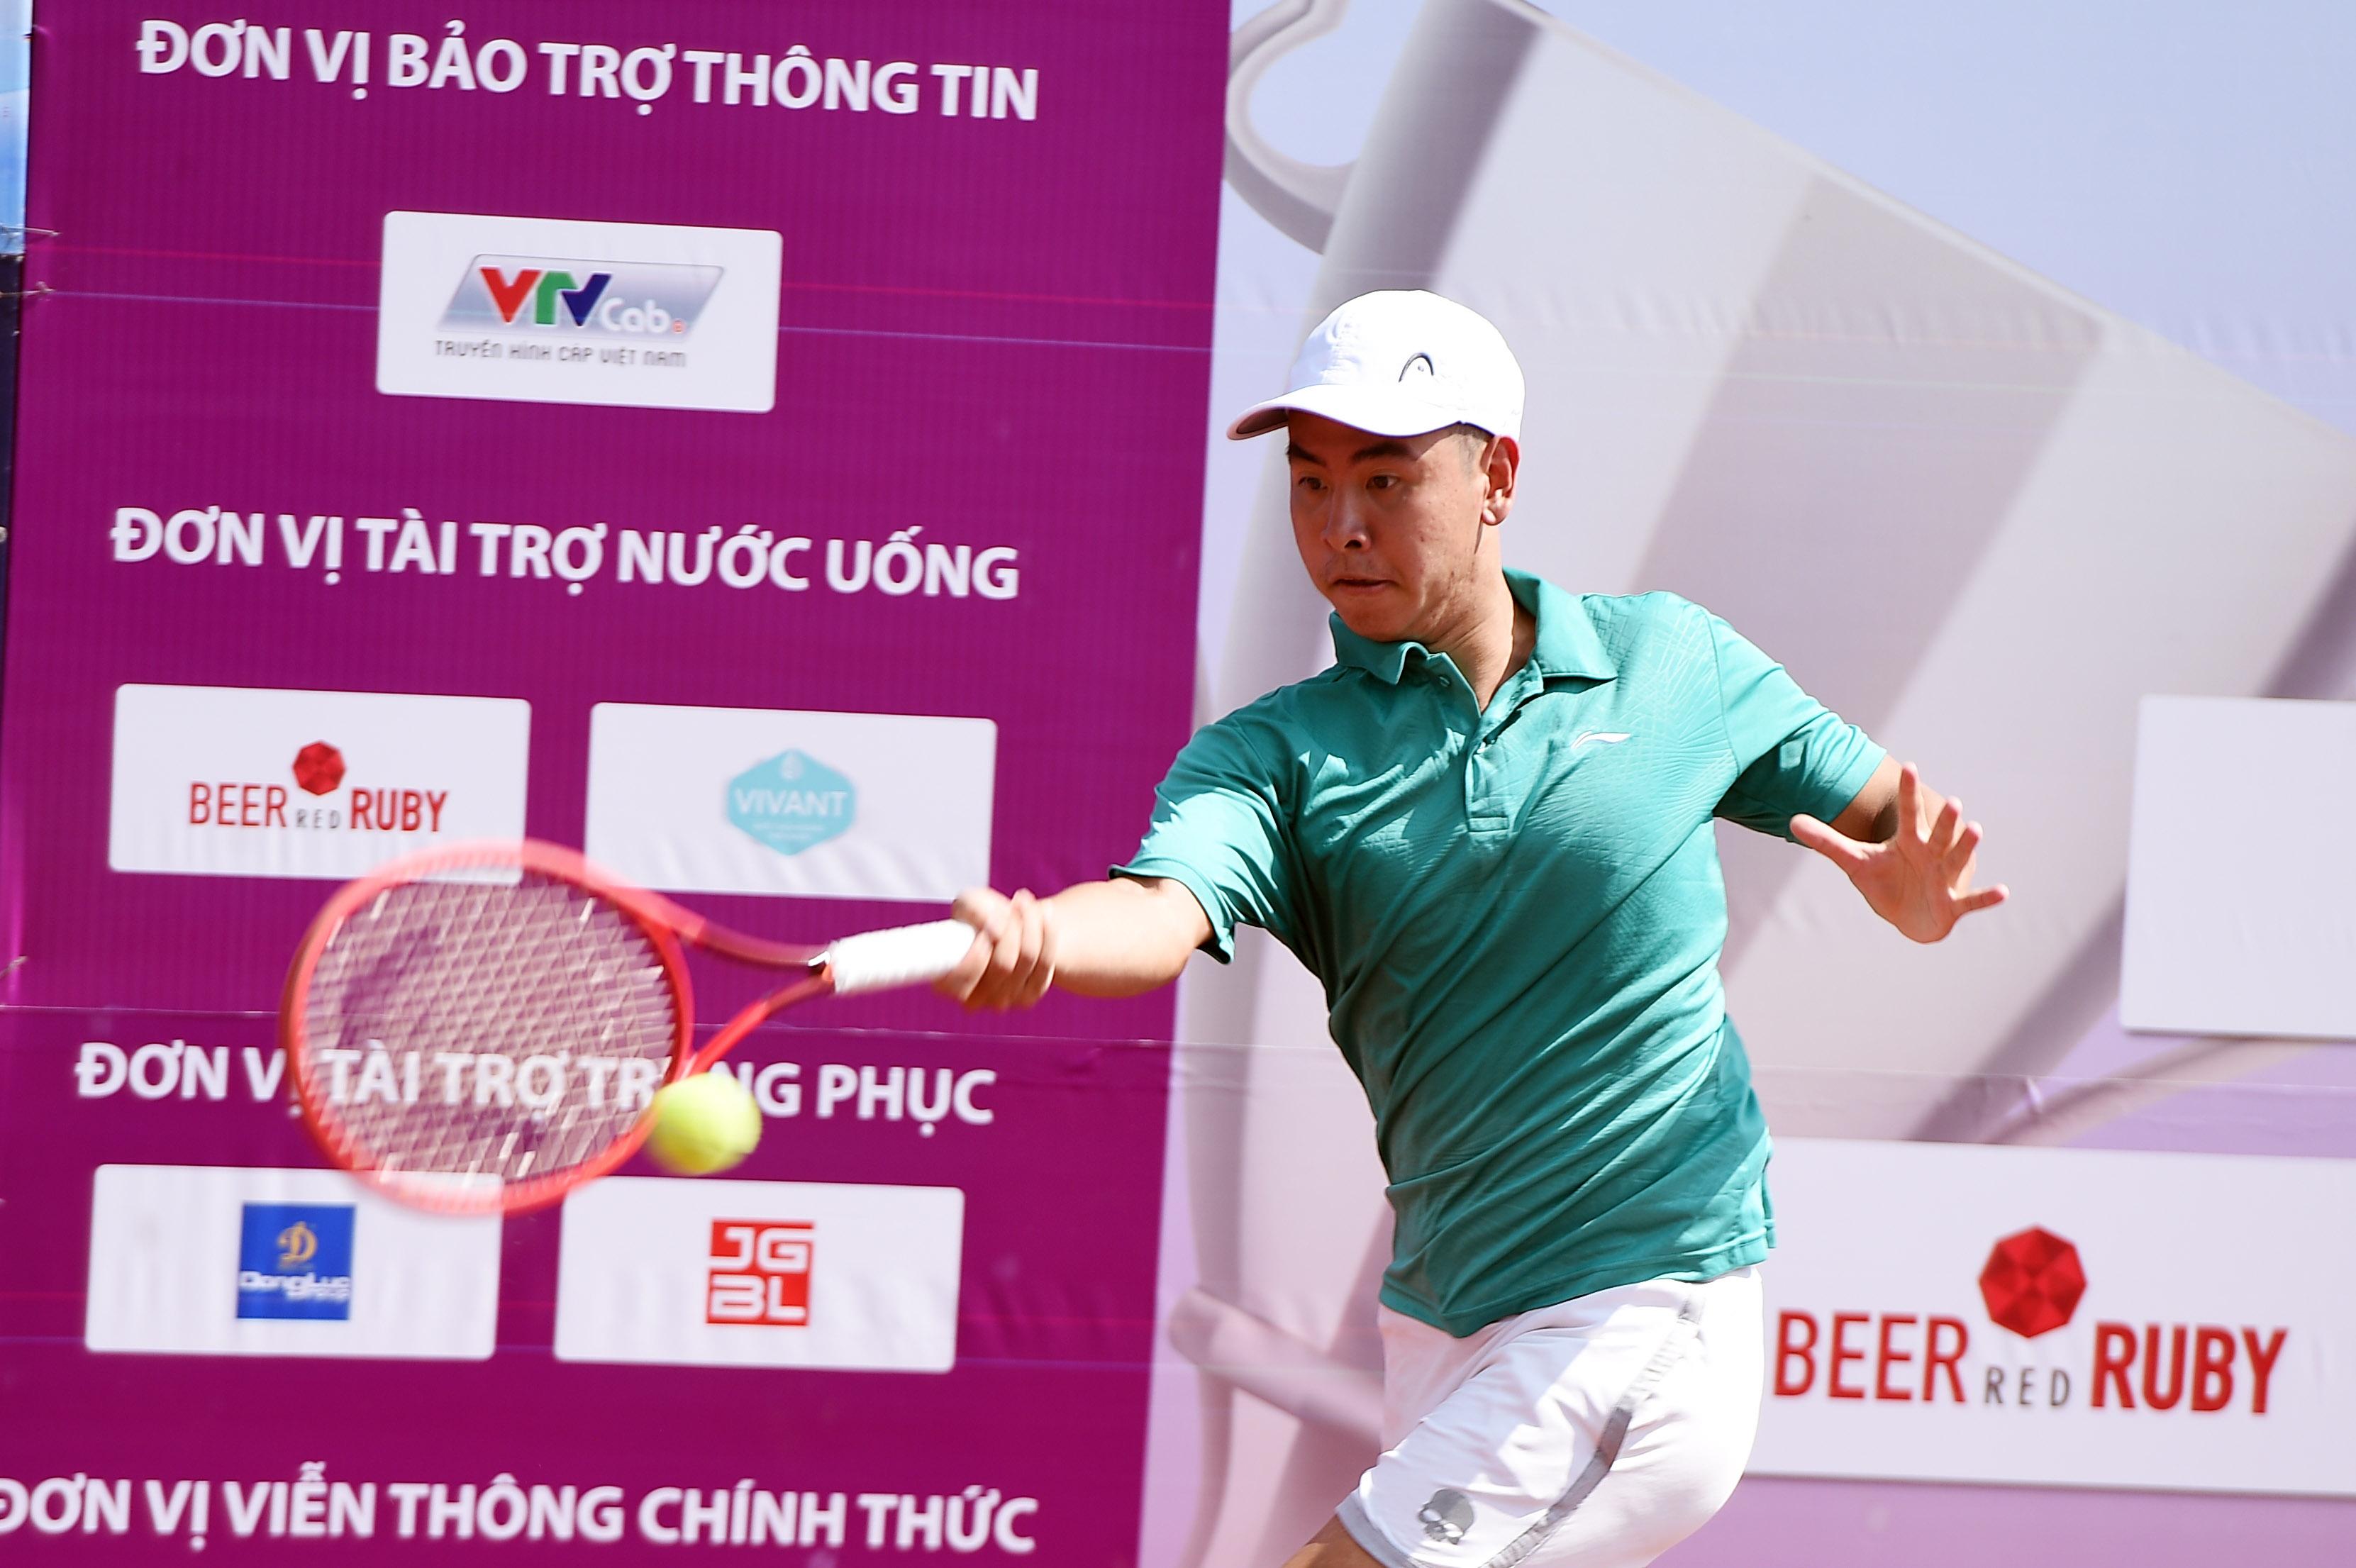 Hình ảnh: Giải quần vợt Vô địch Đồng đội Quốc – Đăk Nông 2021: Lý Hoàng Nam có mặt ở tứ kết, TP.HCM tiếp tục thăng hoa số 4